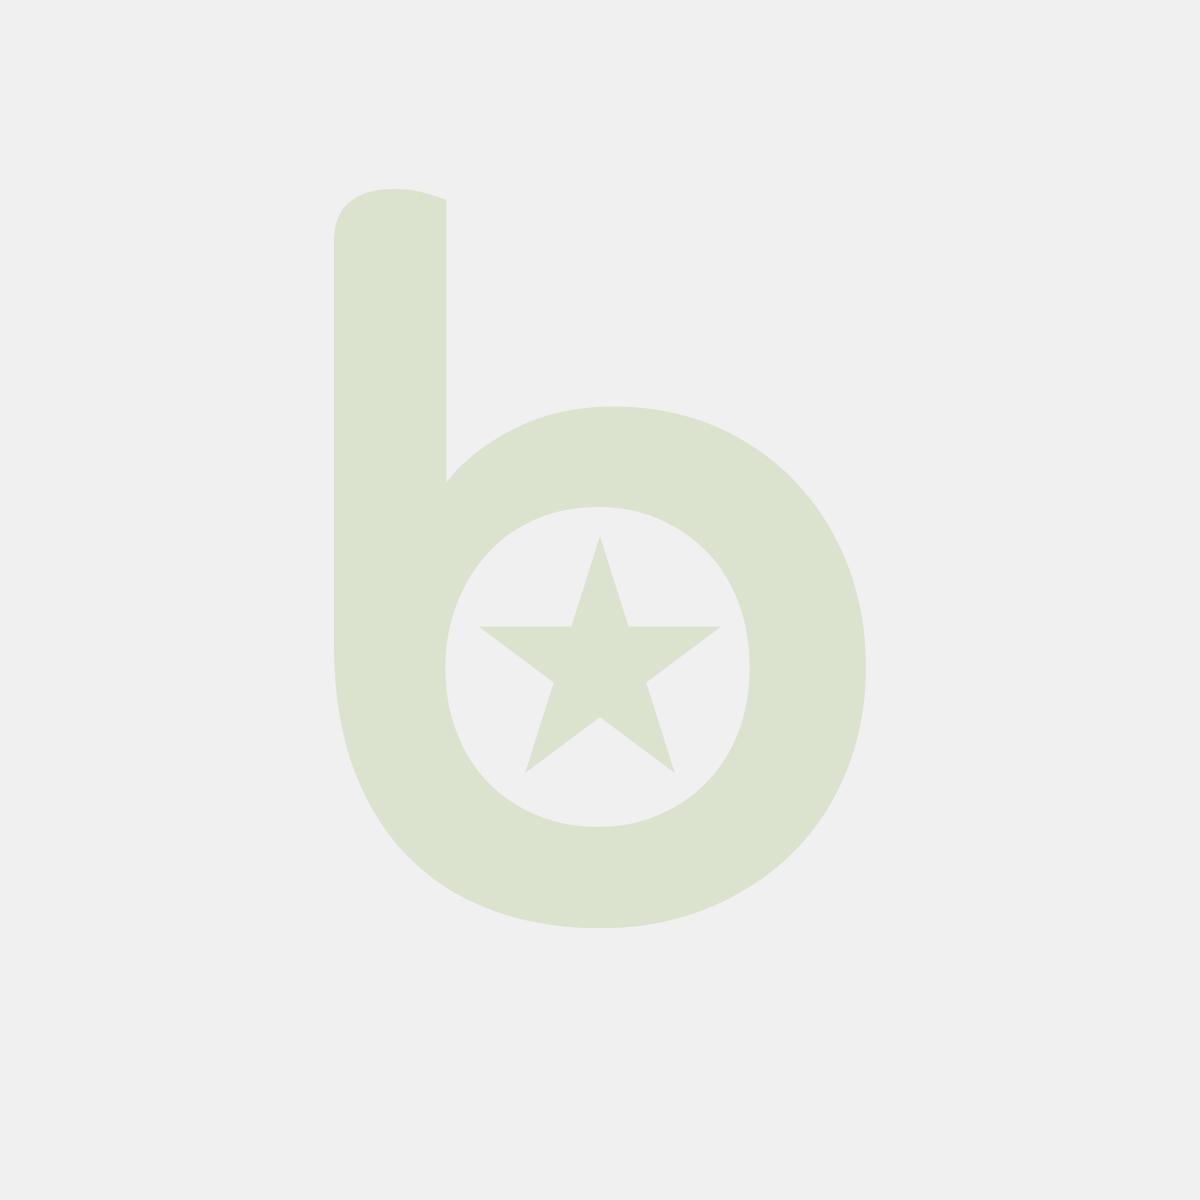 Blok biurowy Bartorex w kratkę, A5, 50 kartek